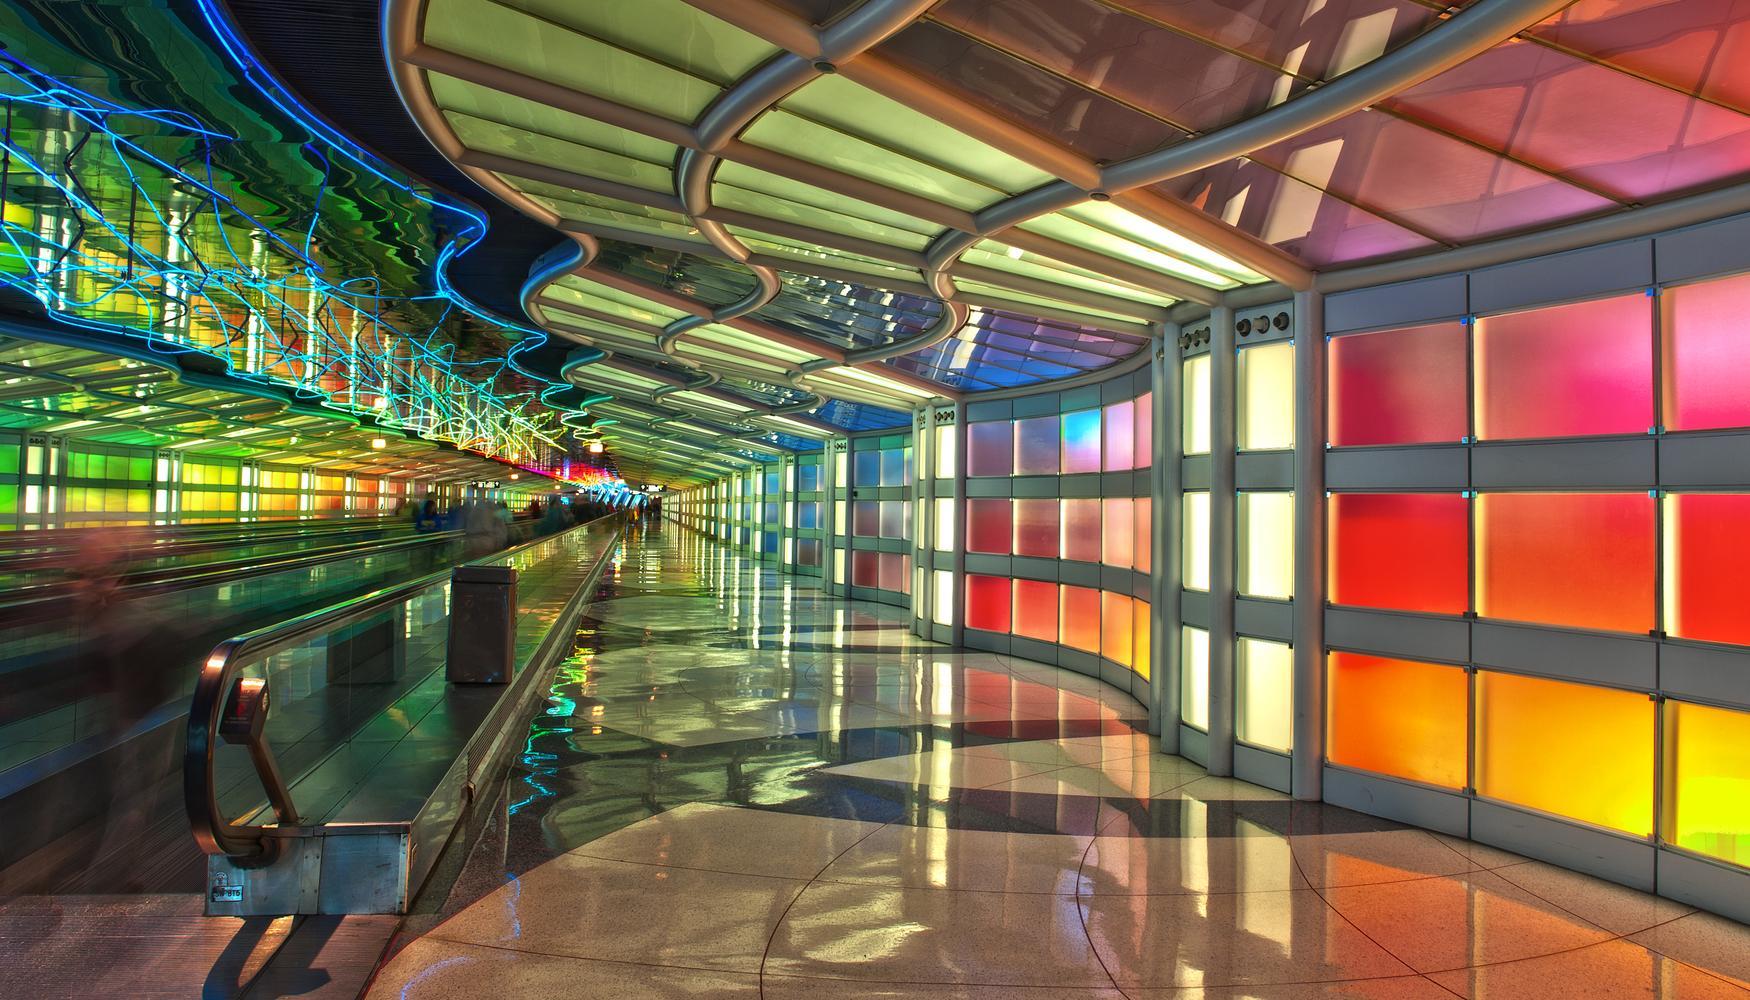 芝加哥 奥黑尔国际机场的租车